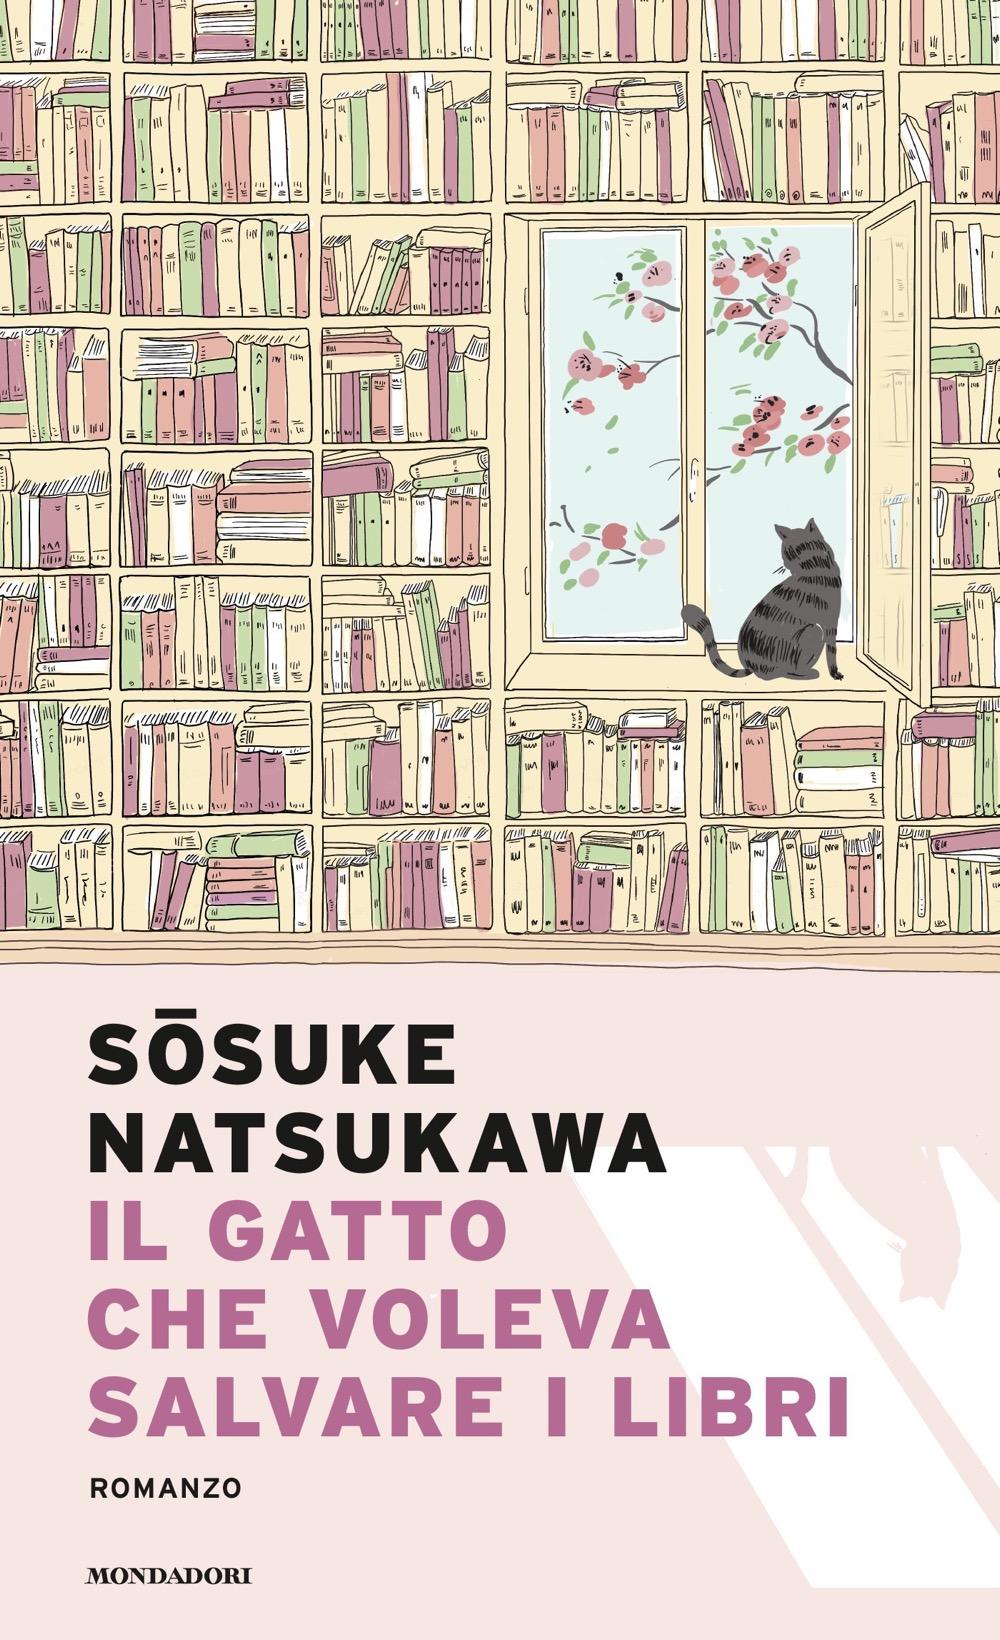 Il gatto che voleva salvare i libri - Sosuke Natsukawa | Libri Mondadori